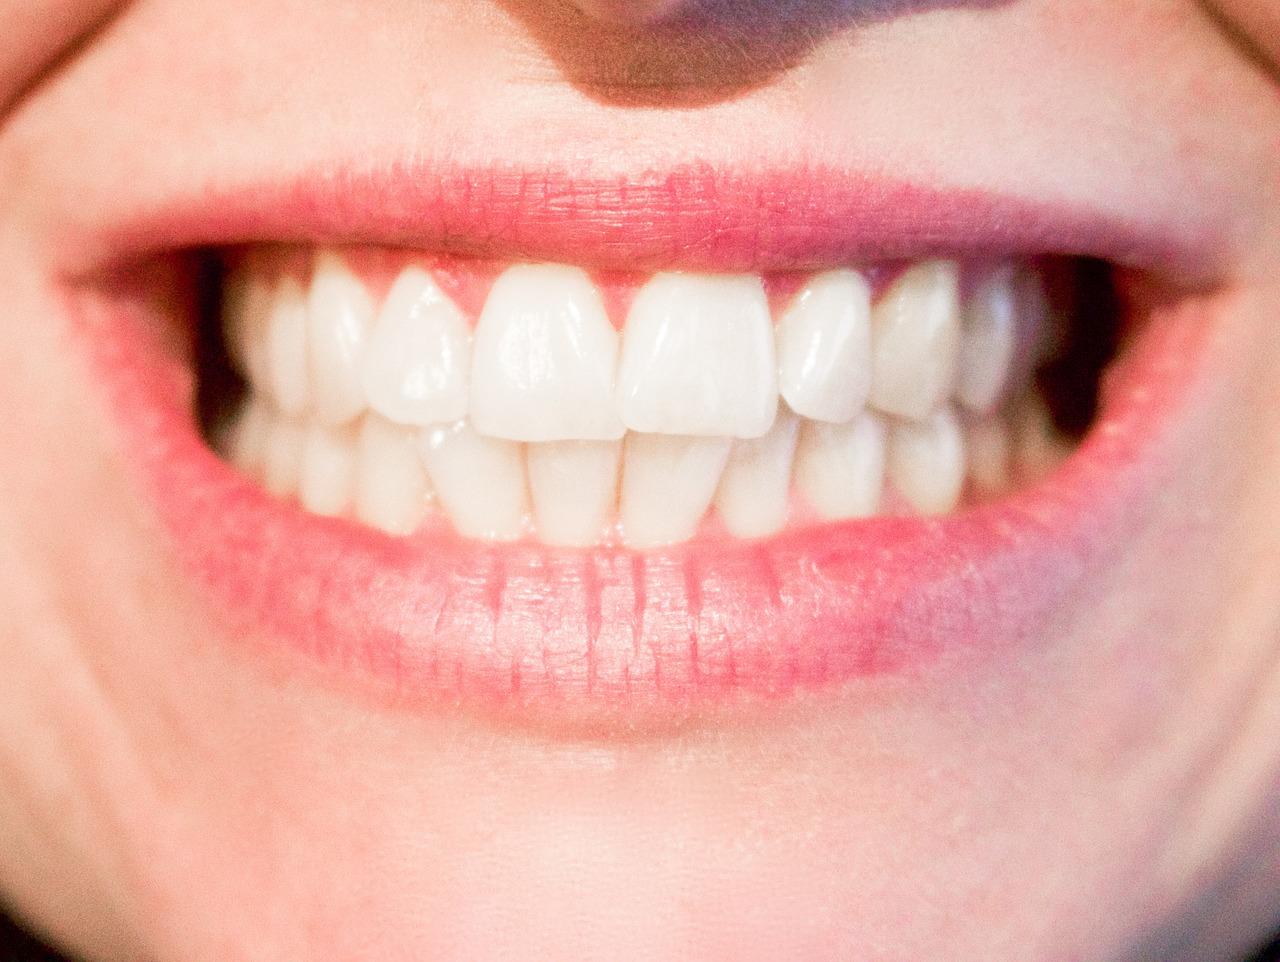 veneers - Keramikfacette Ungarn bei Moritz Dental Zentrum